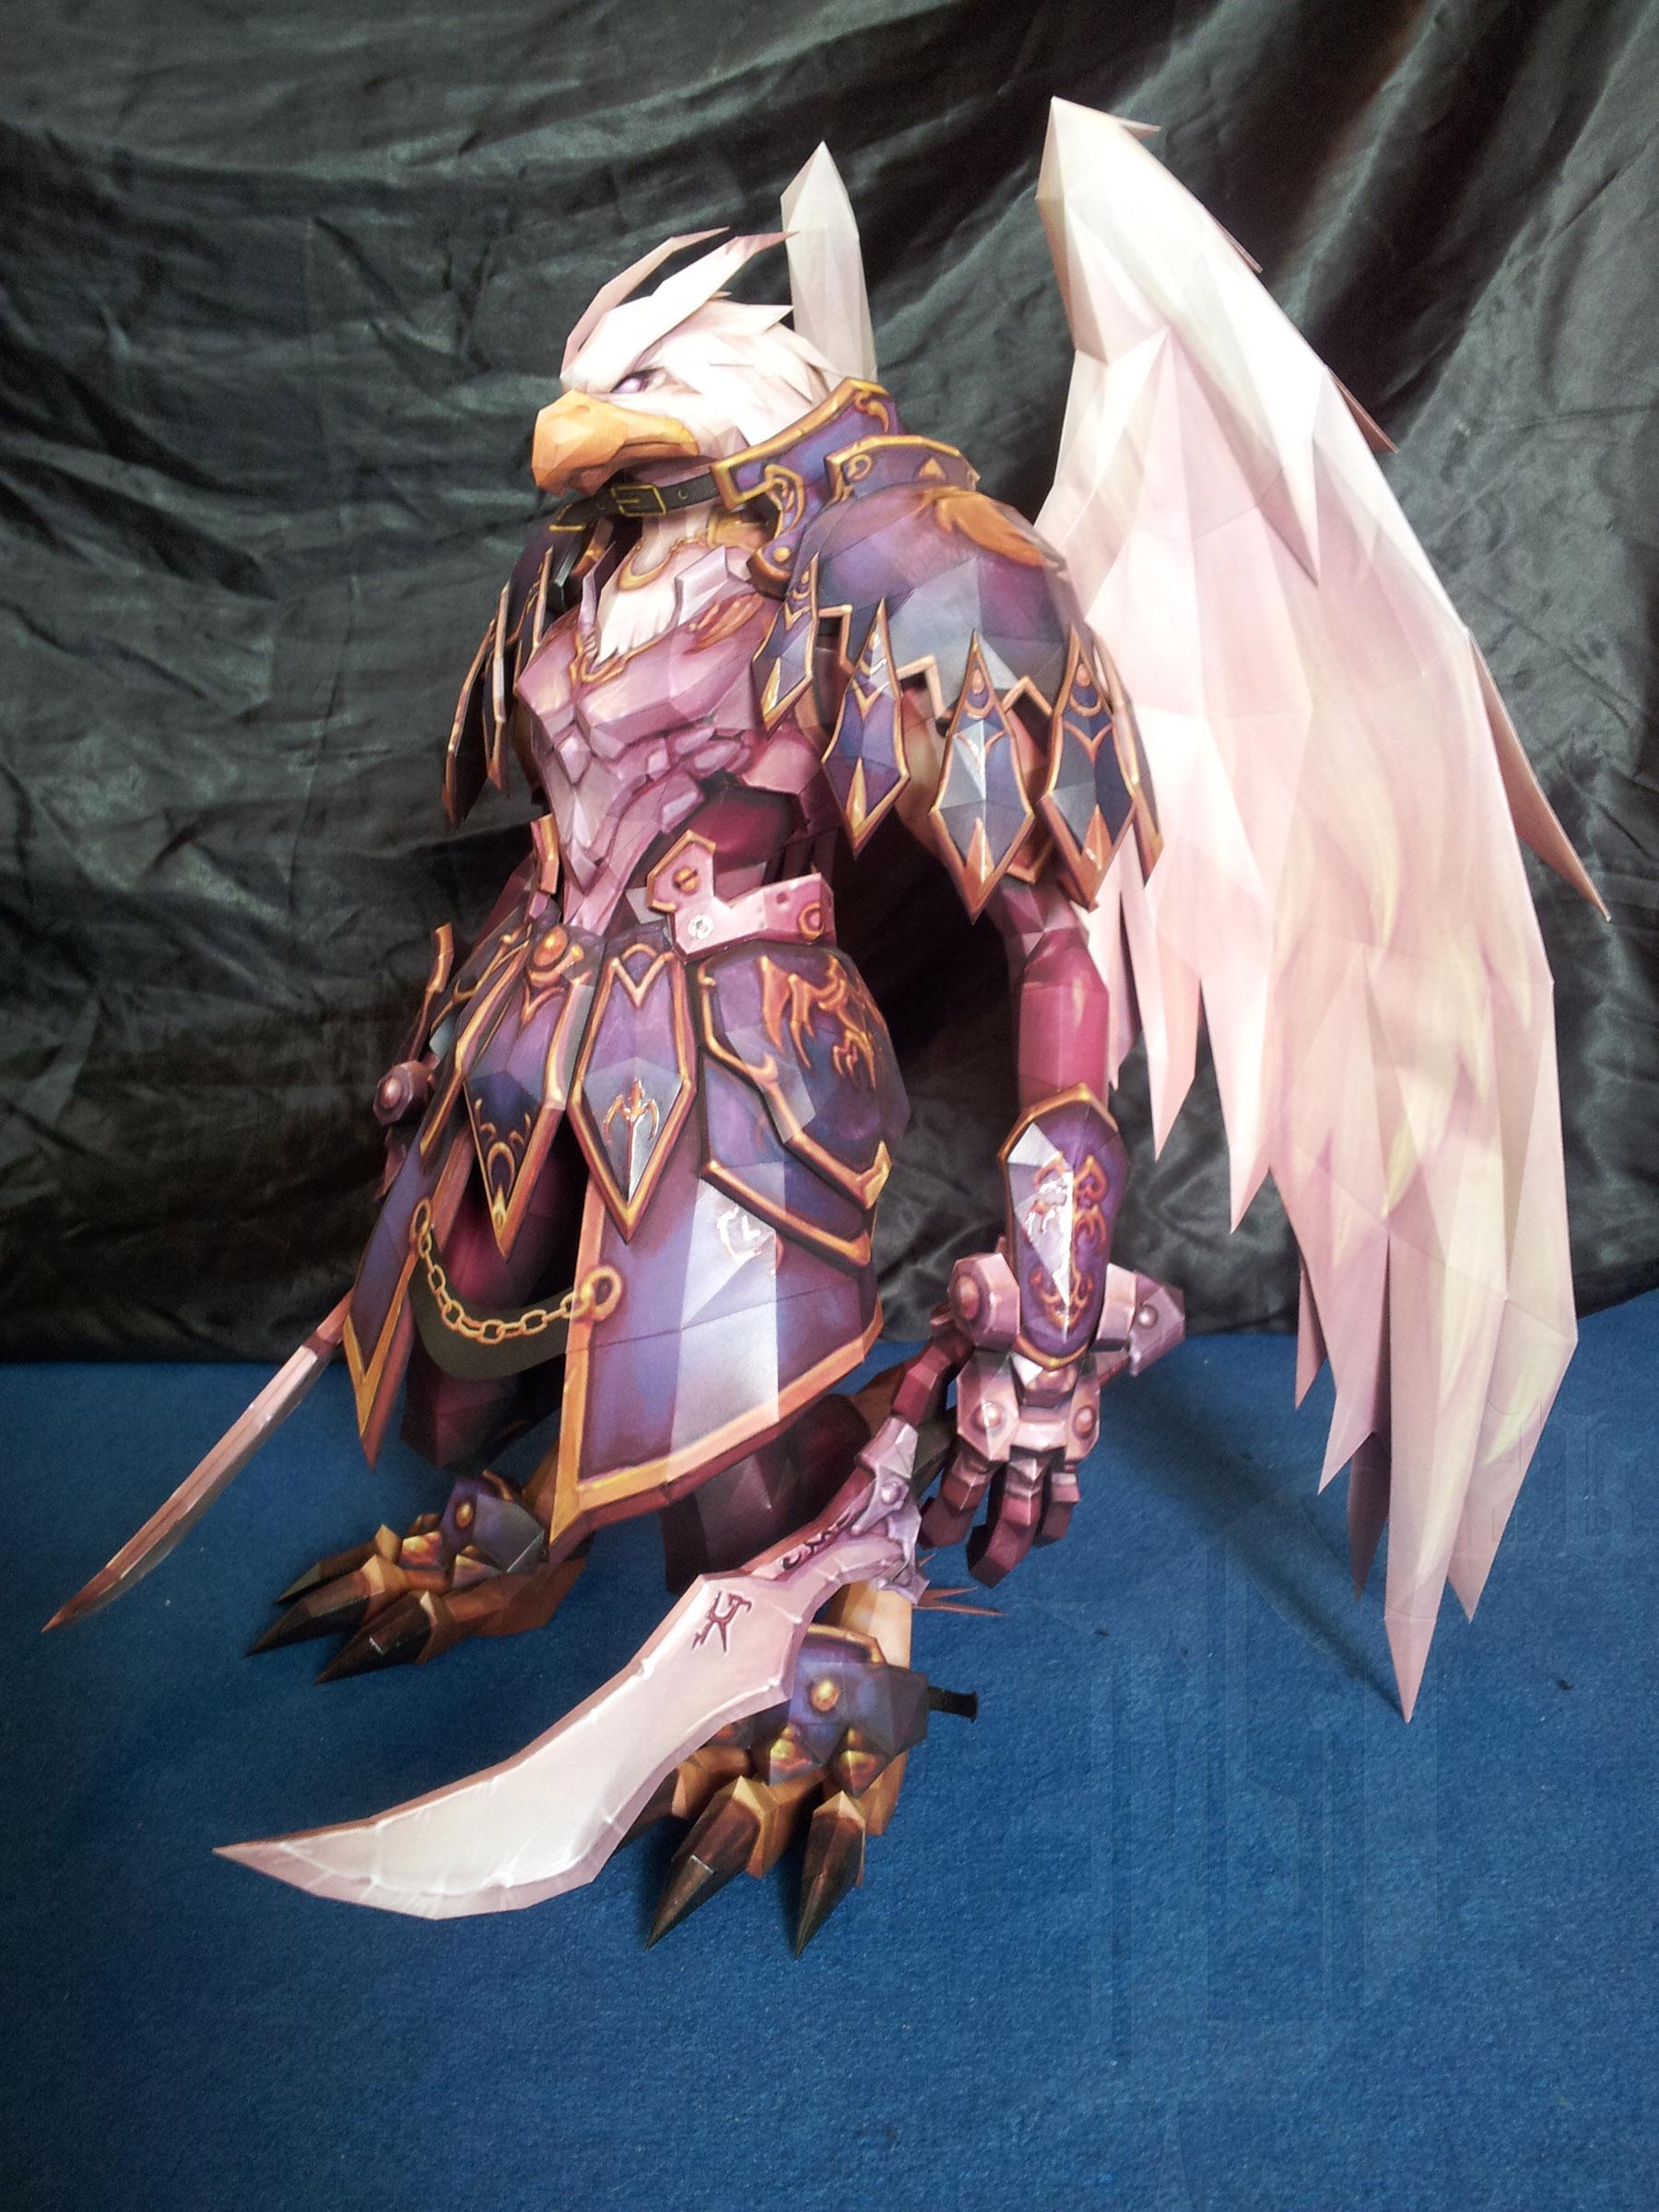 Avian Defender - a